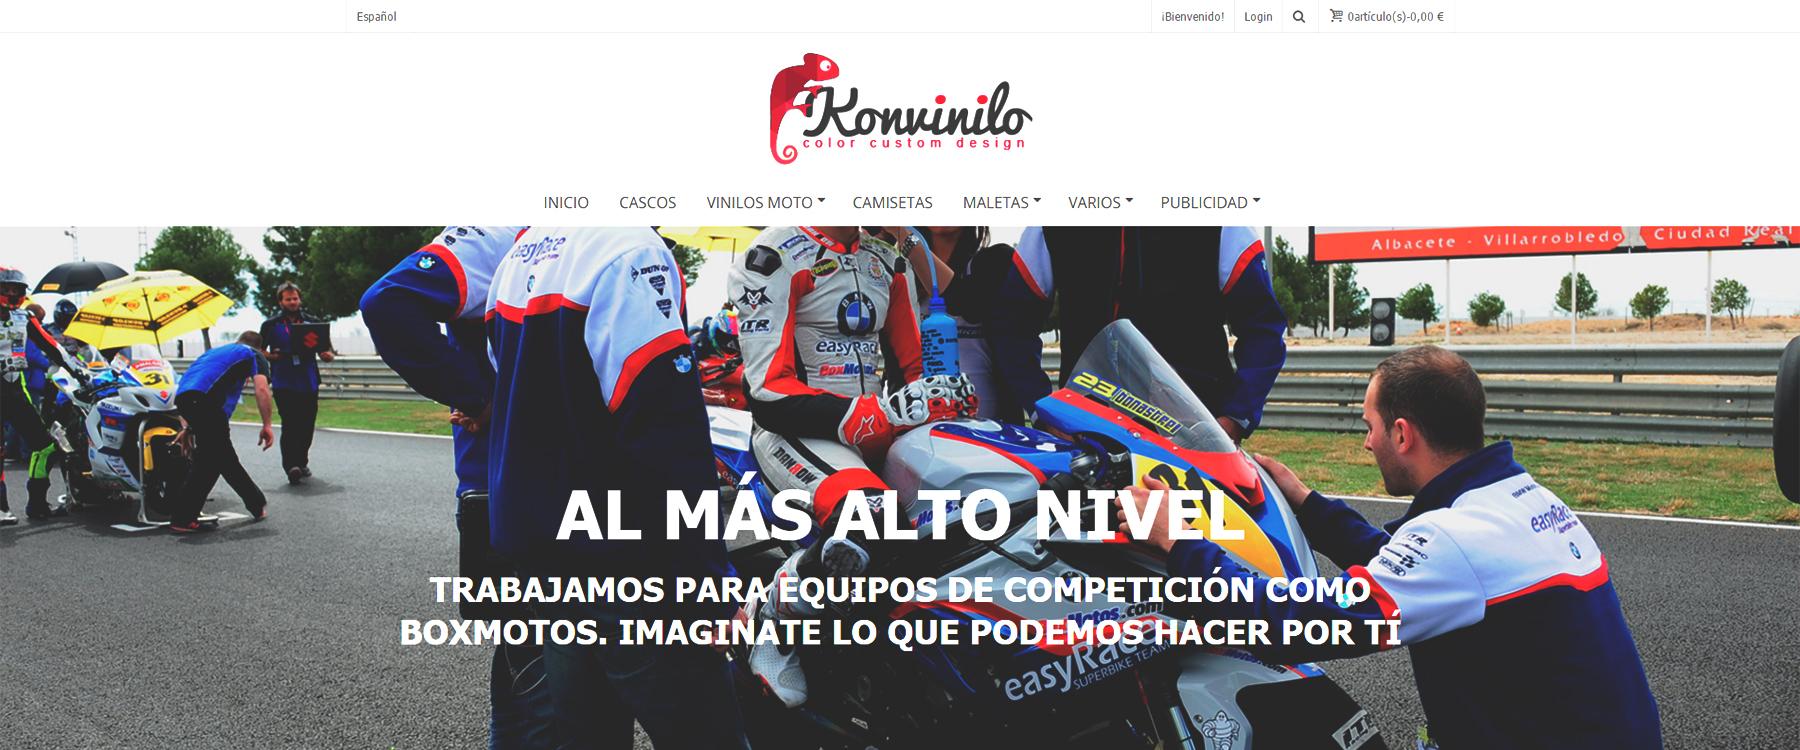 Diseño de tienda online Ecommerce